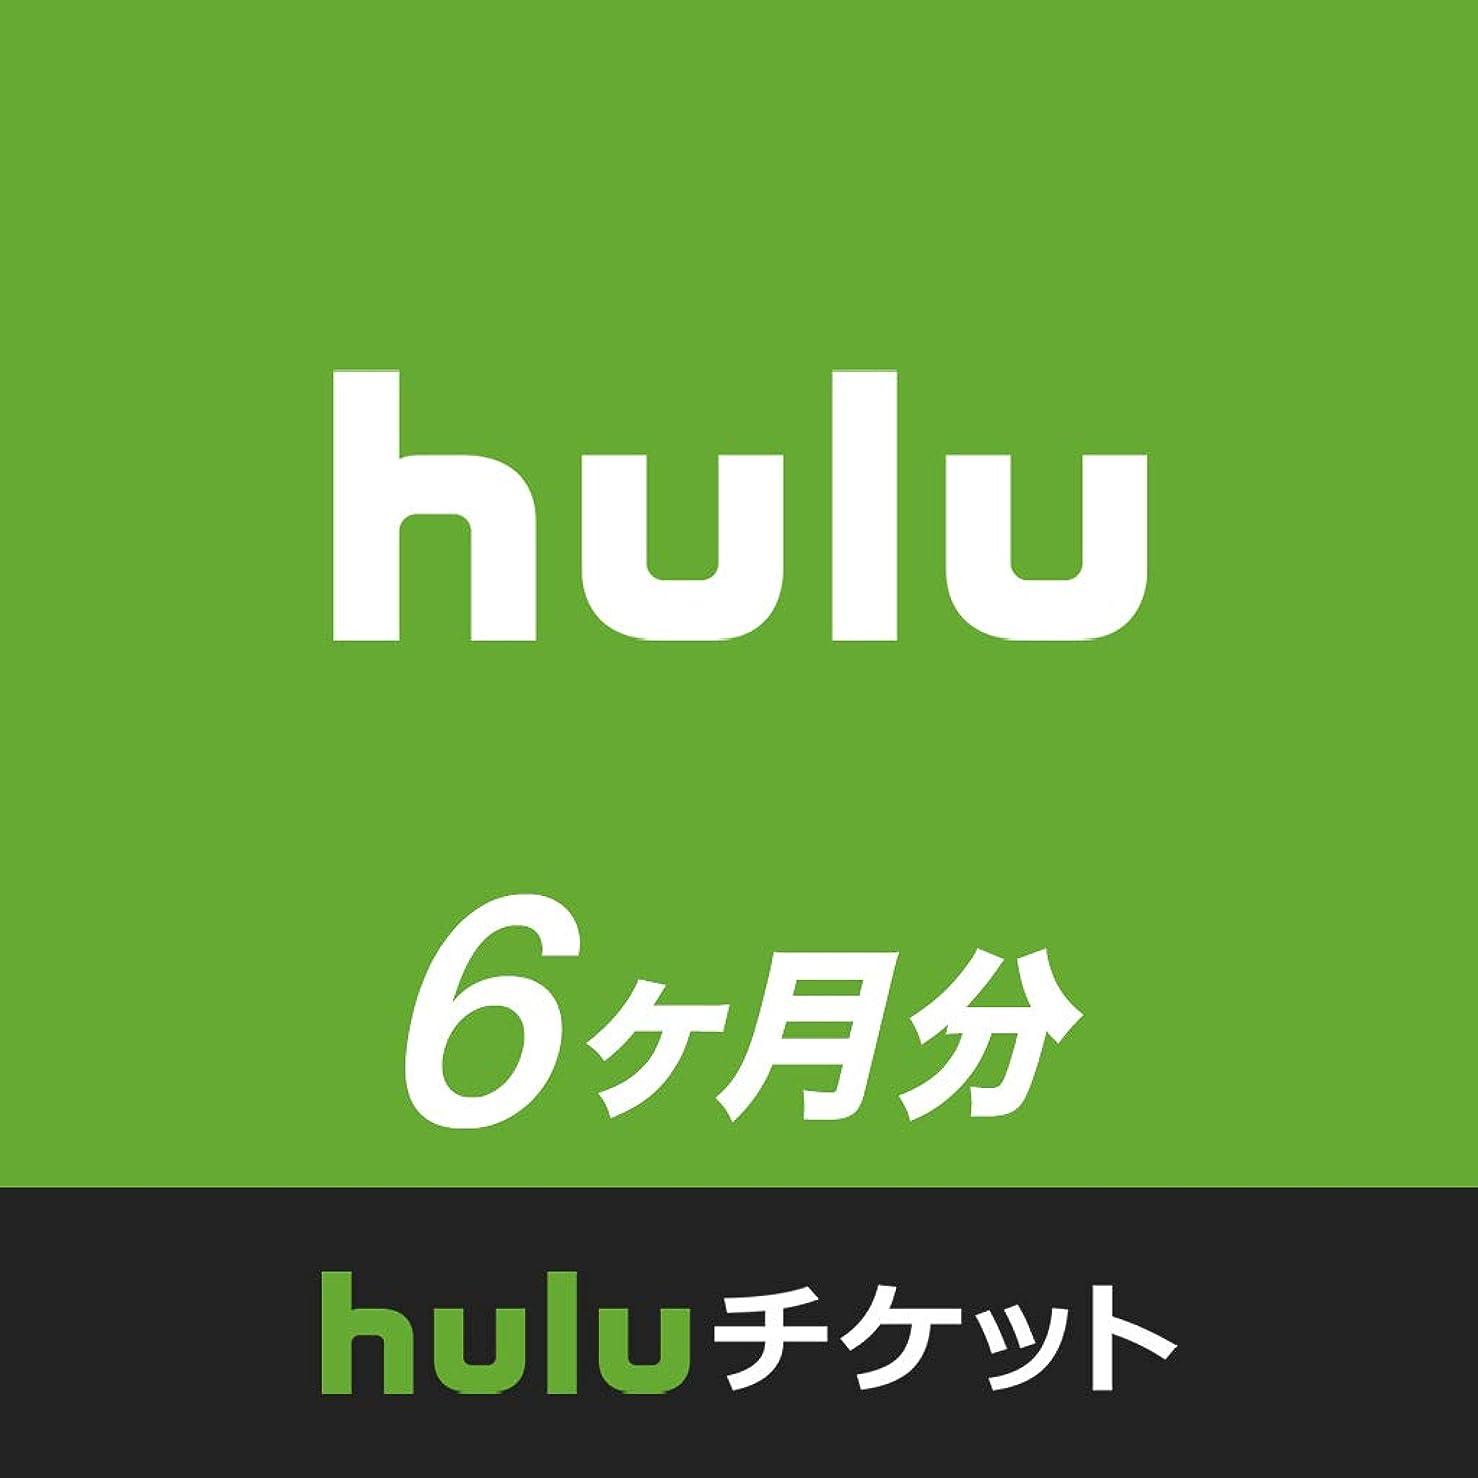 宅配便を除く進捗Huluチケット (6ヵ月利用権)|オンラインコード版